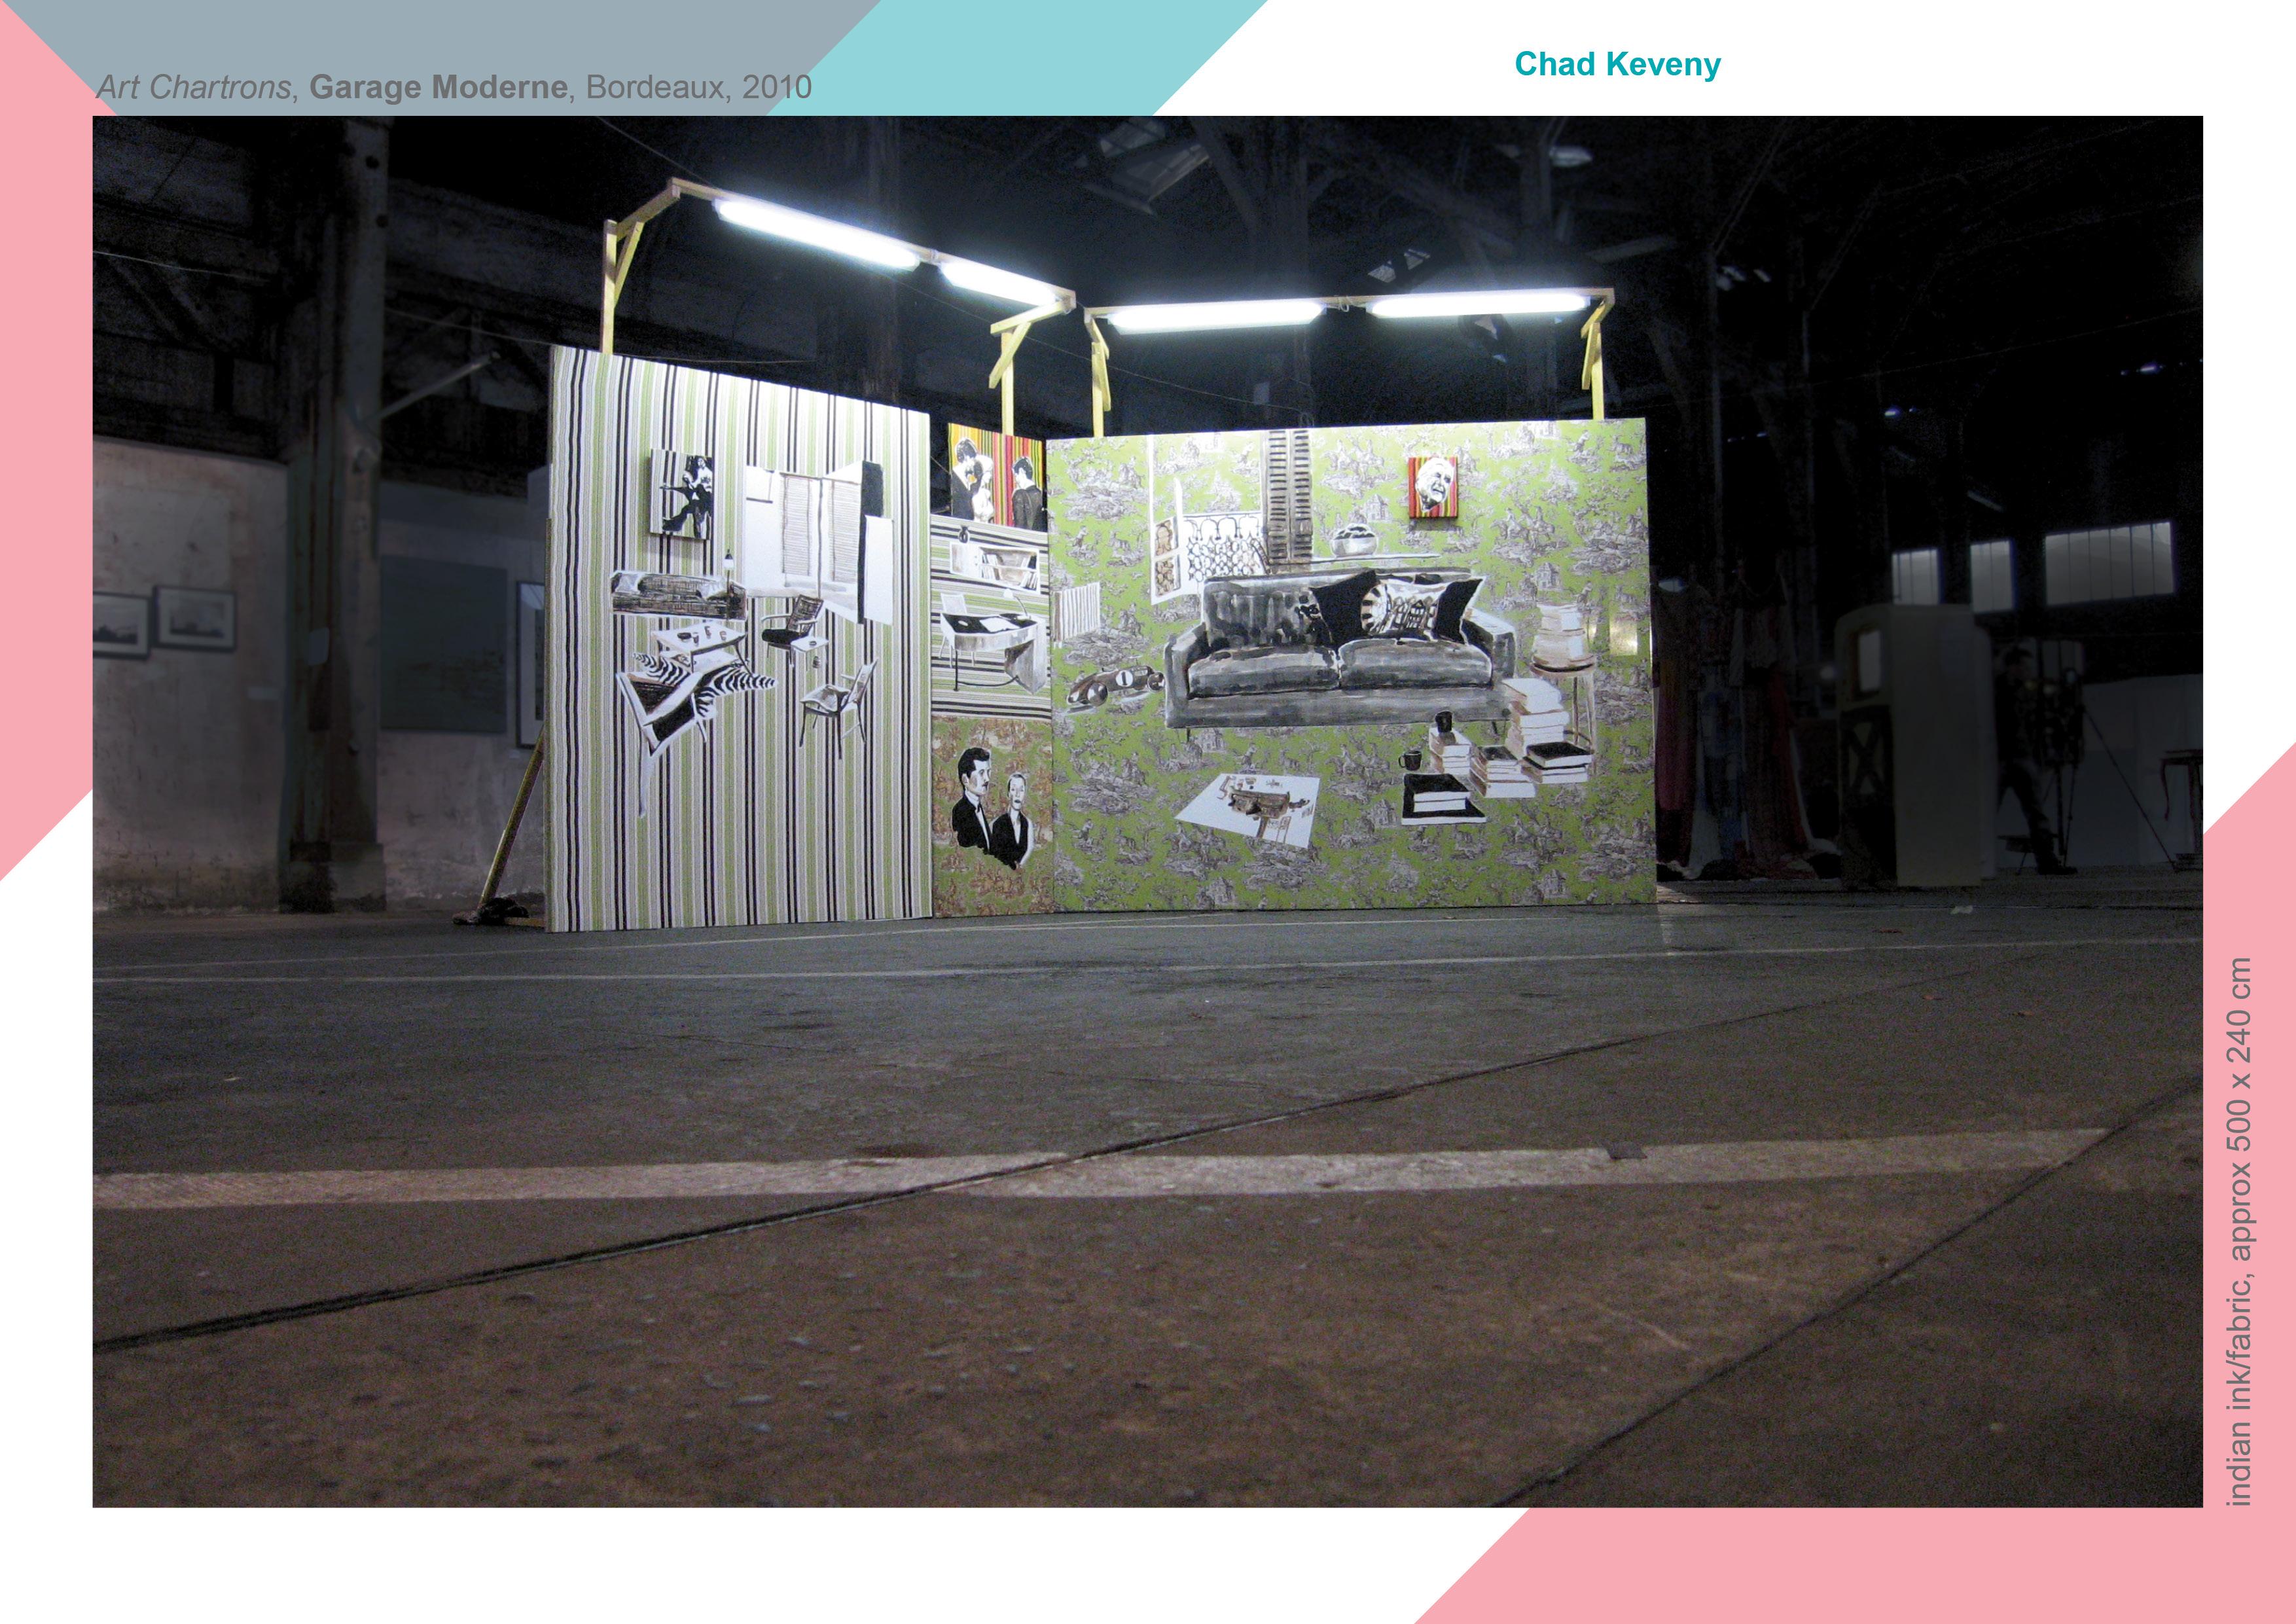 Garage moderne chad keveny artist - Bardage moderne ...